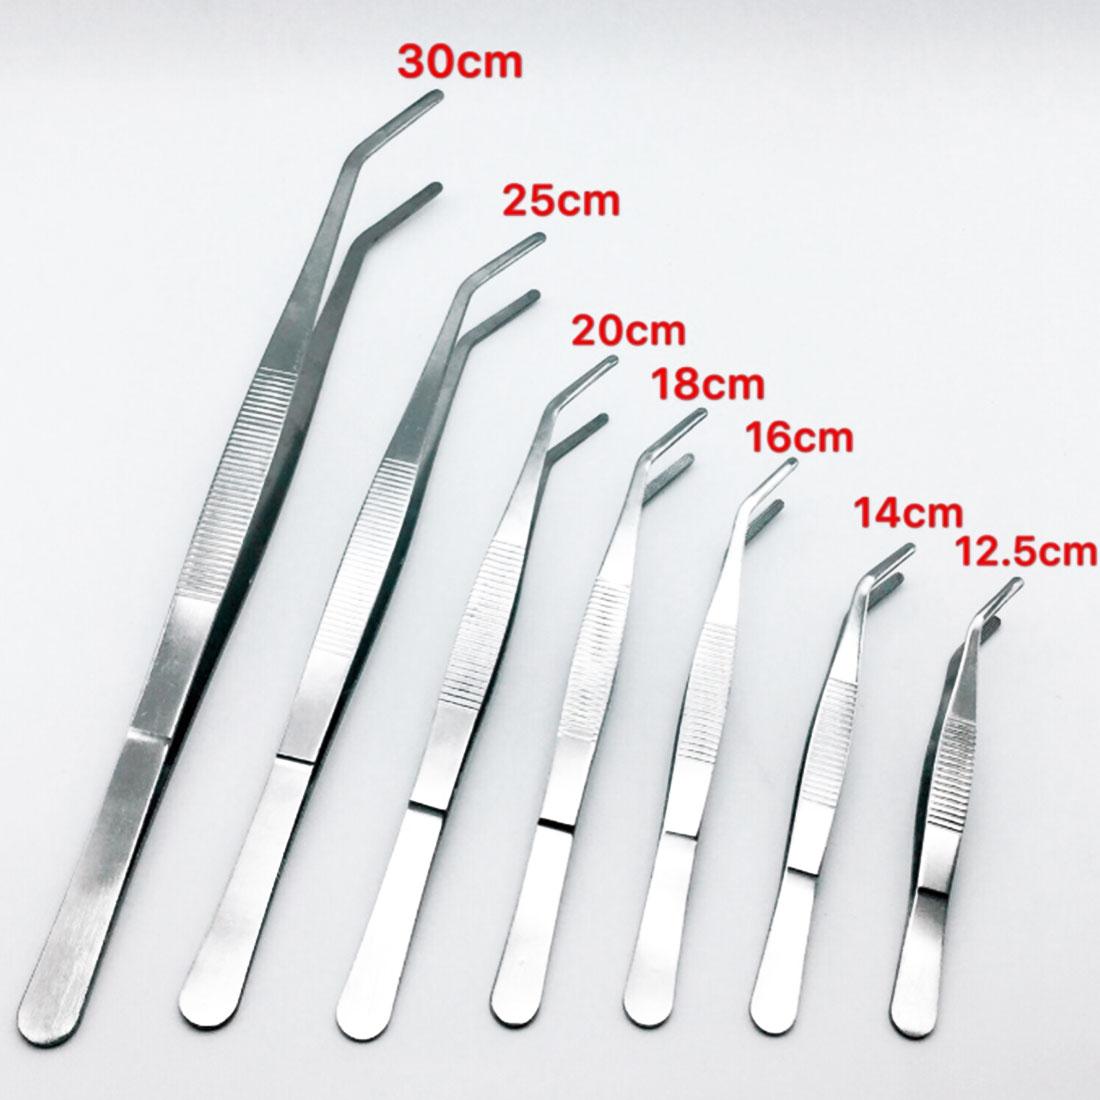 Stainless Steel Elbow Tweezers 12.5cm/14cm/16cm/18cm/20cm/25cm/30cm Clip Tool Medical Repair Tools